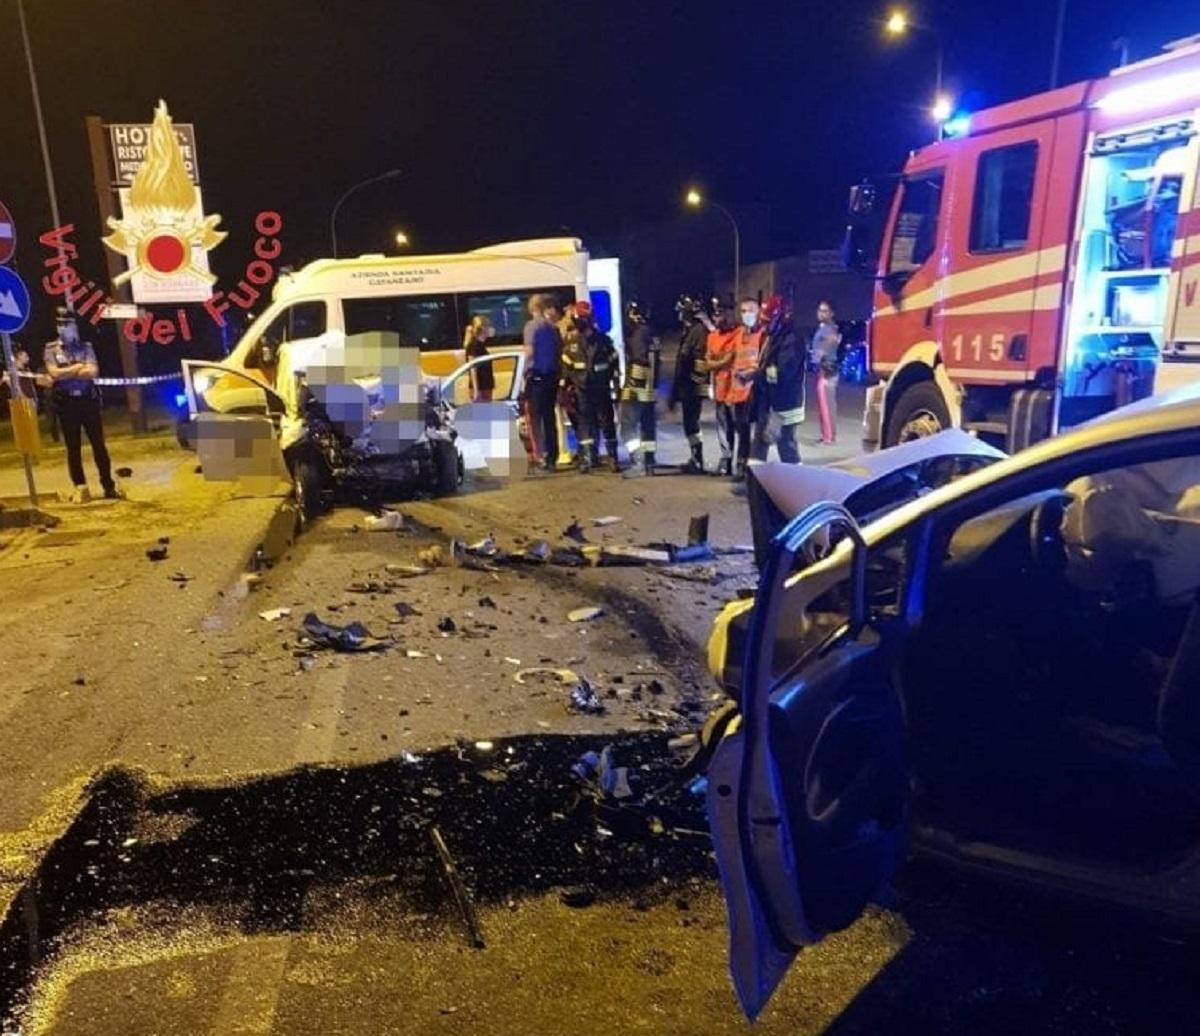 Catanzaro incidente scontro frontale Massimiliano Ceccarelli Antonio Costantino vigilanti